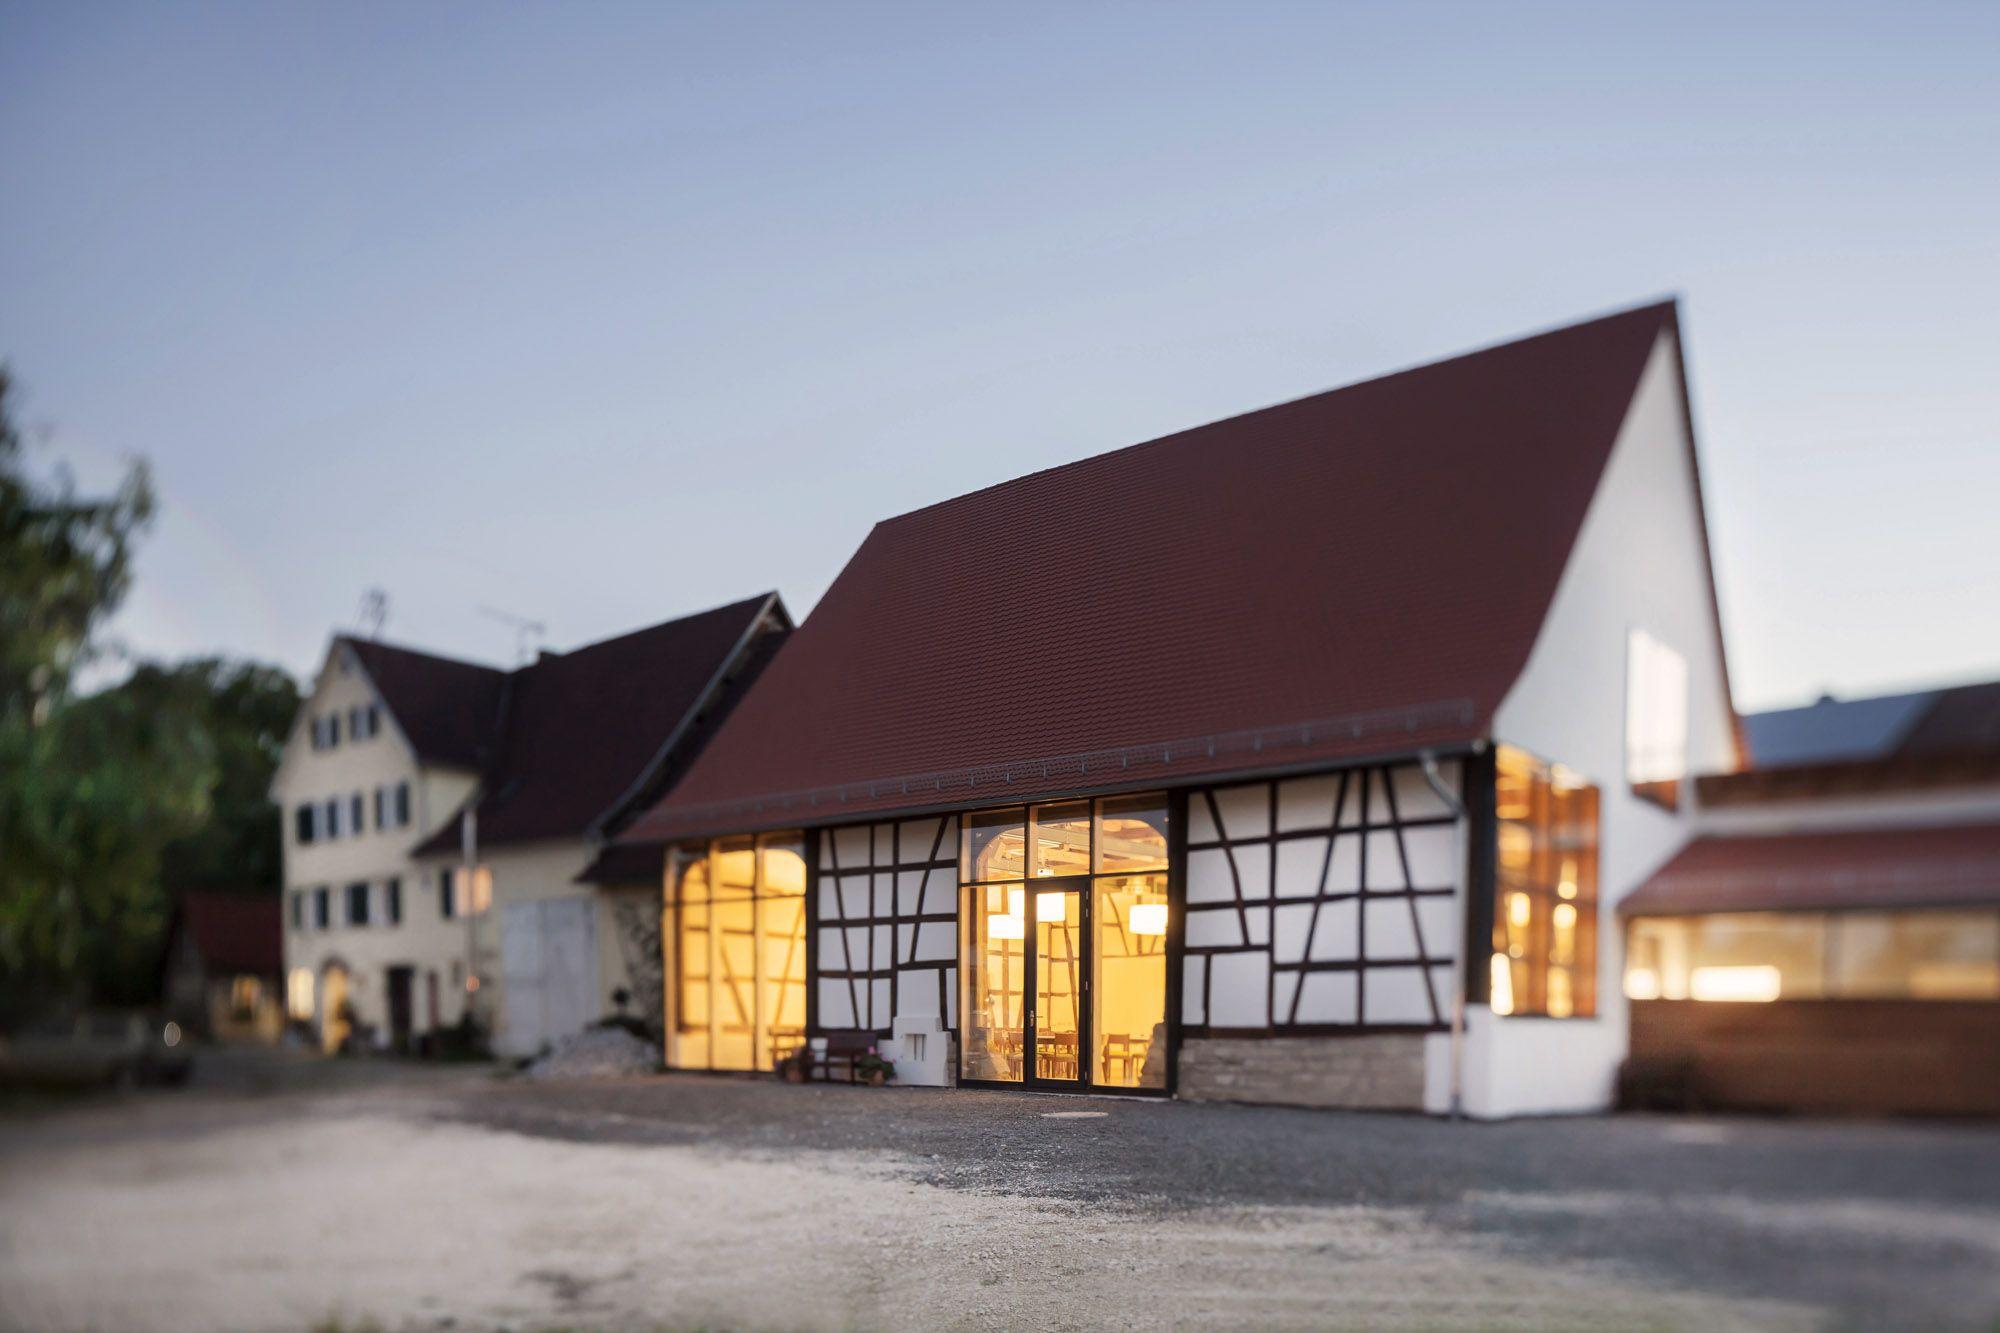 Location Fur Hochzeiten Events Tubingen Reutlingen Haus Architektur Anbau Haus Fachwerkhauser